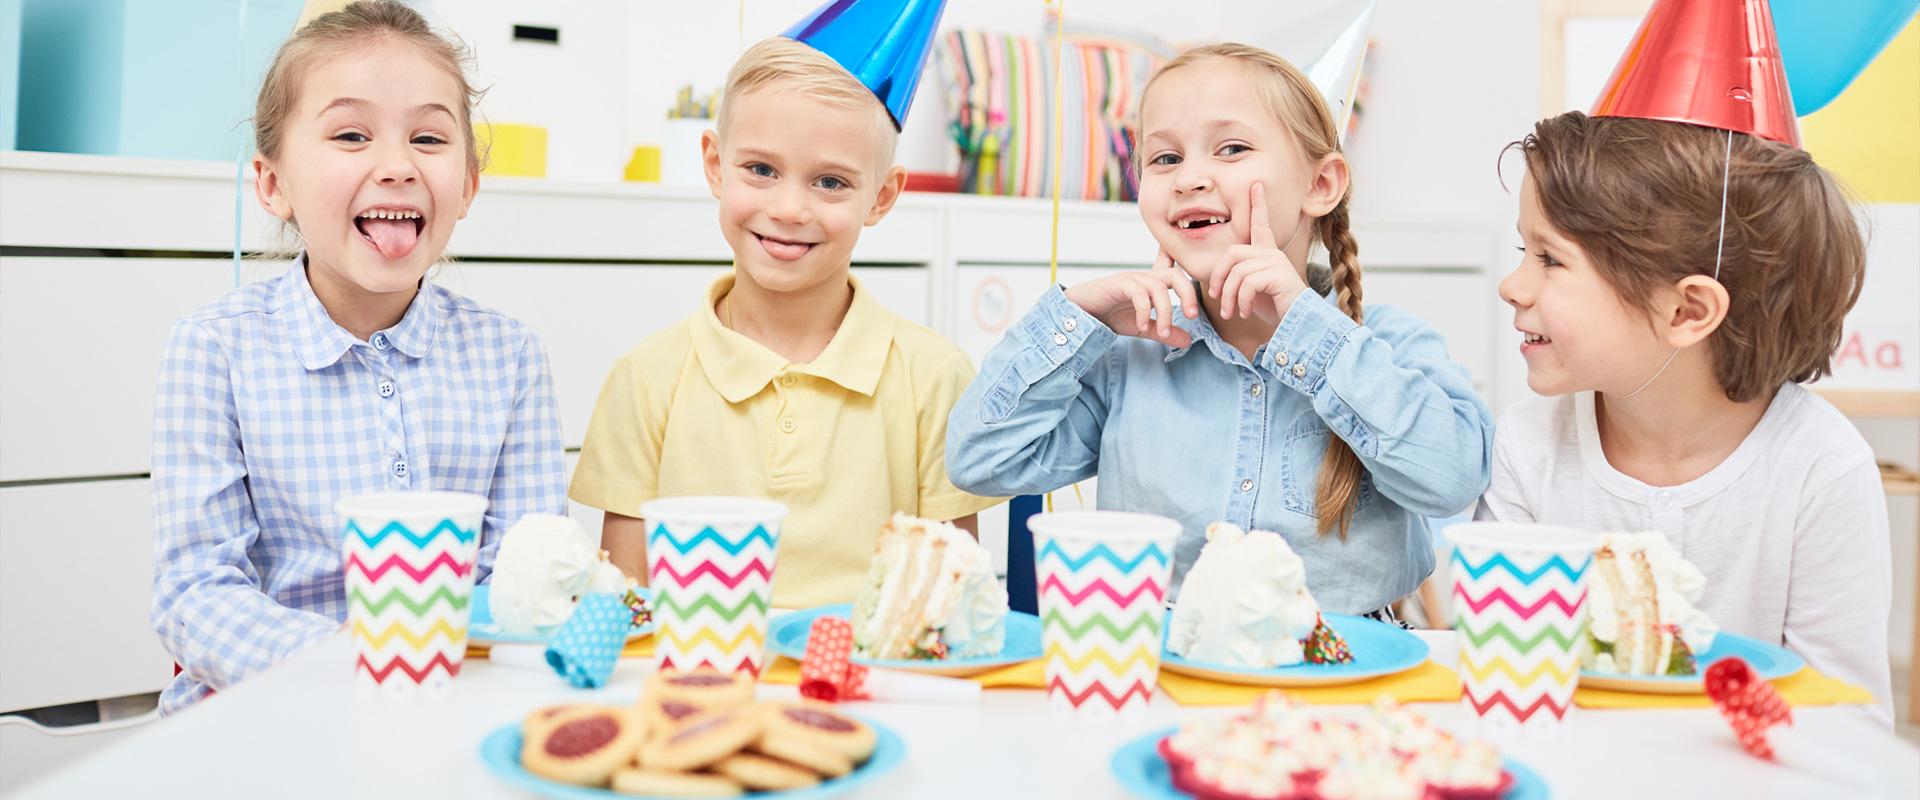 birthday parties brighton